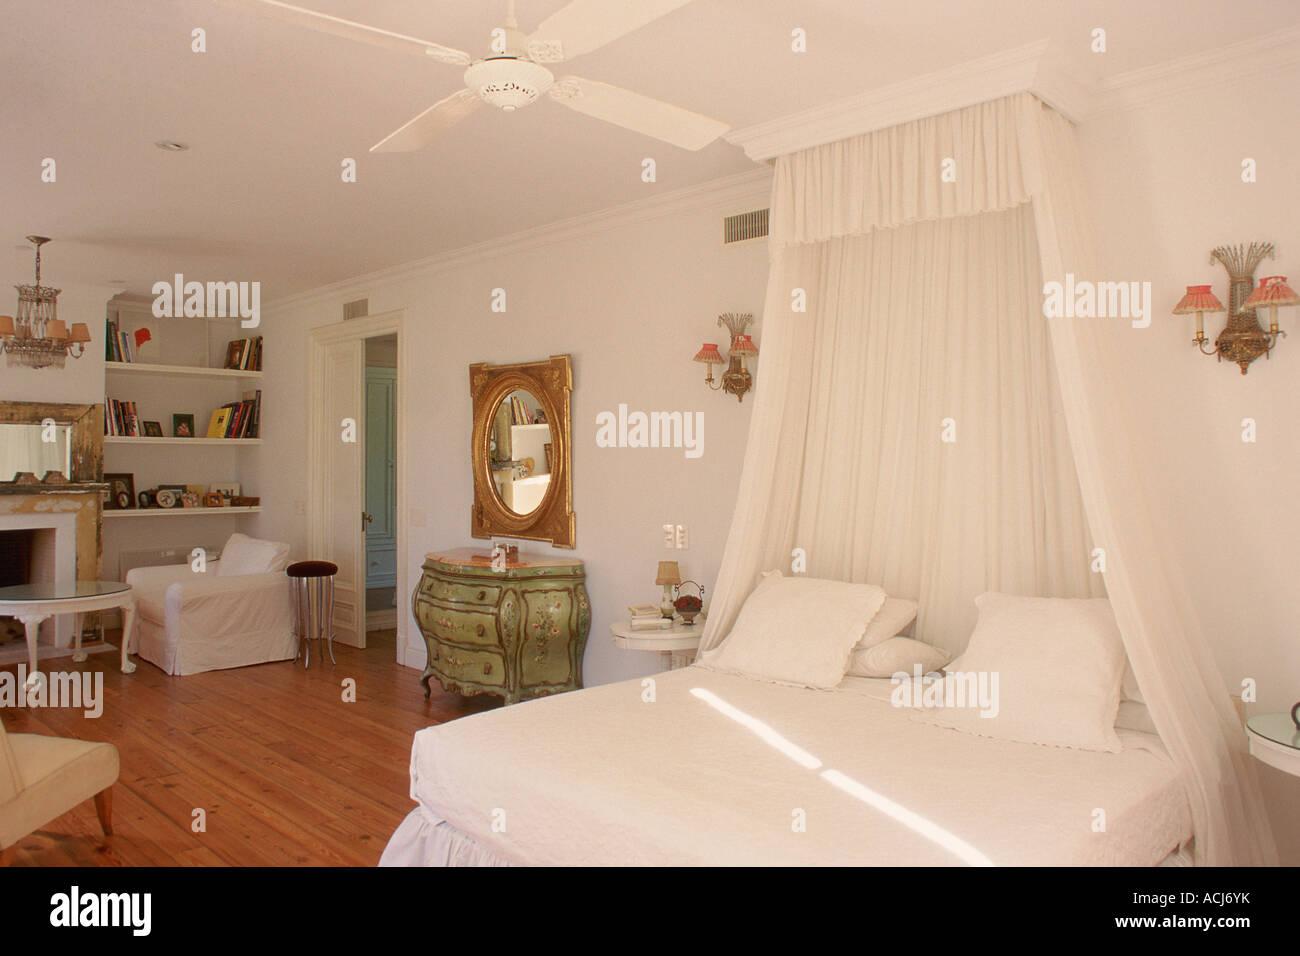 Sillones De Dormitorio Bonito Diseo Silln Amarillo With Sillones  # Muebles Ridodel